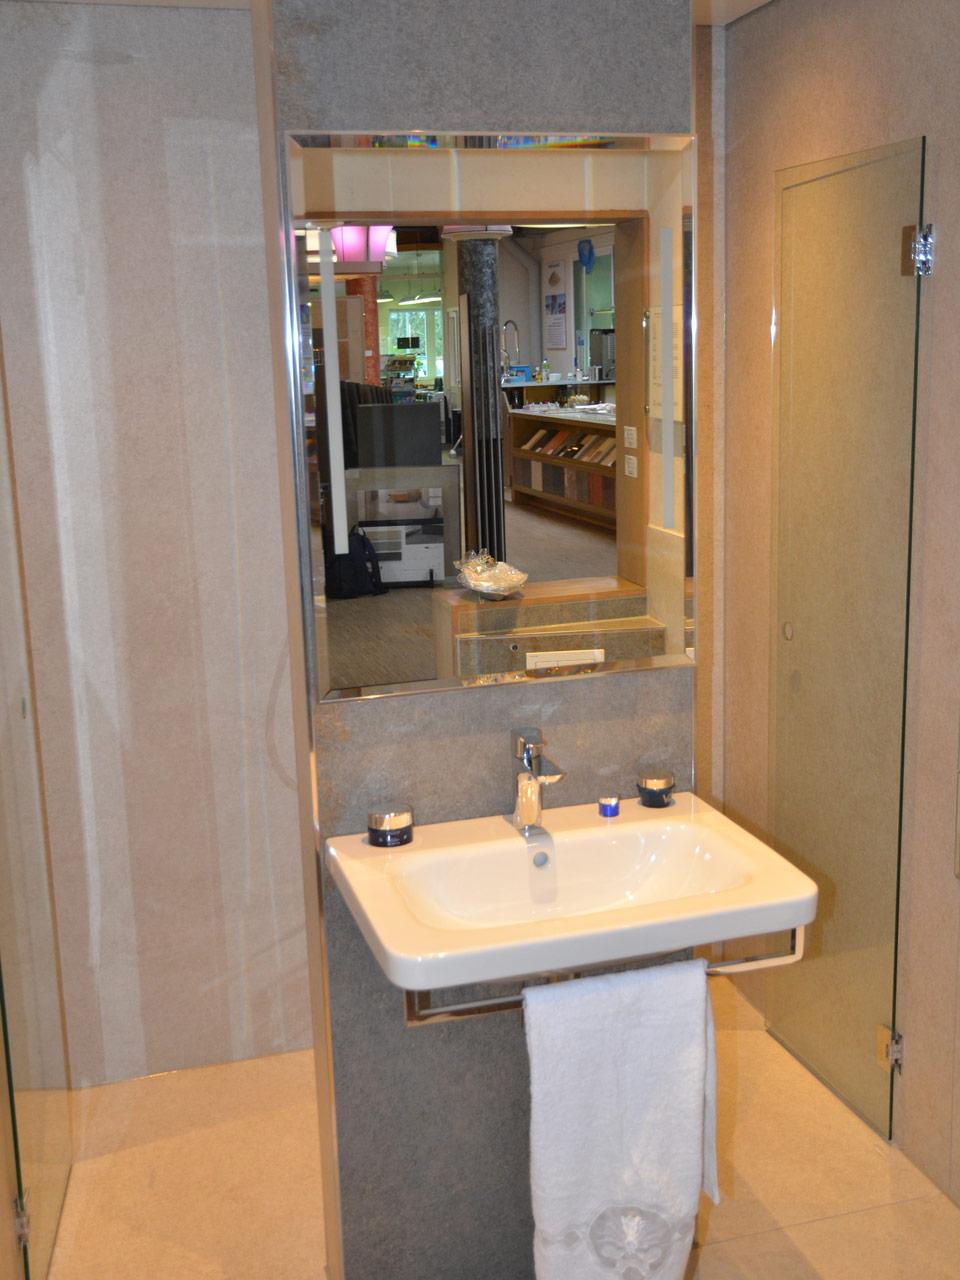 Kleines Bad mit Waschbecken Badausstellung